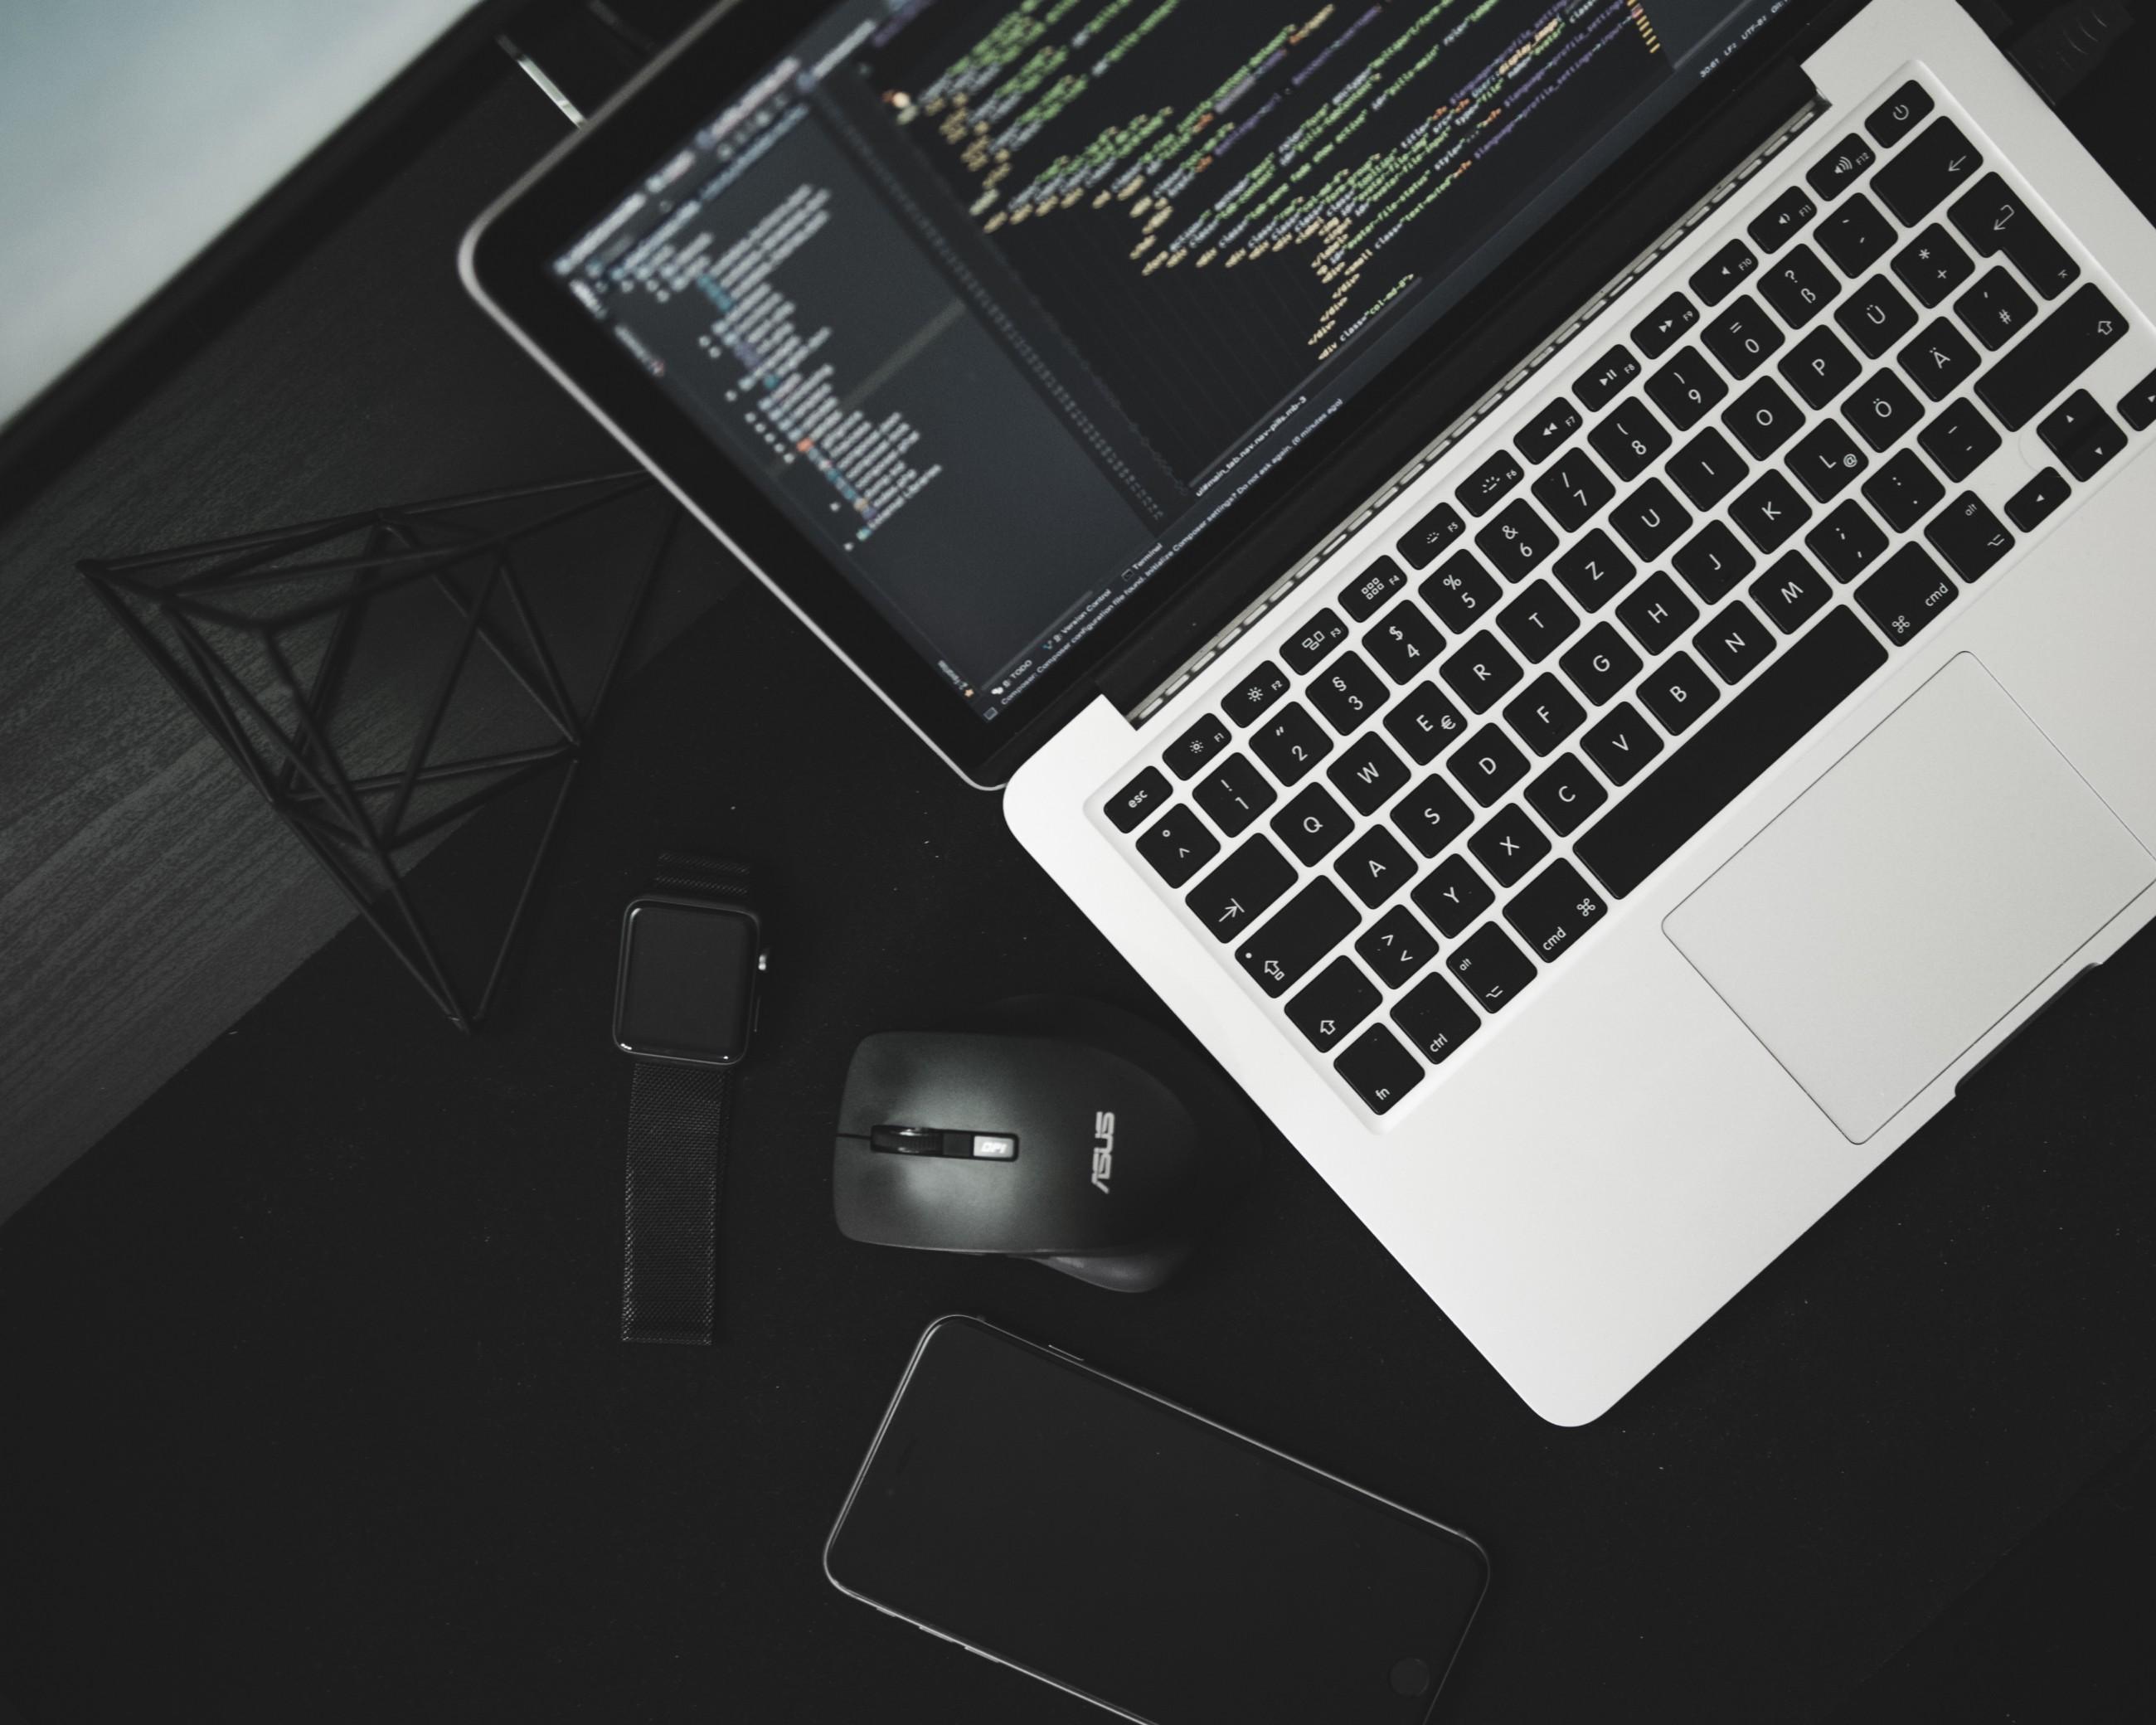 MacBook: Dev Setup - By Stefanos Vardalos